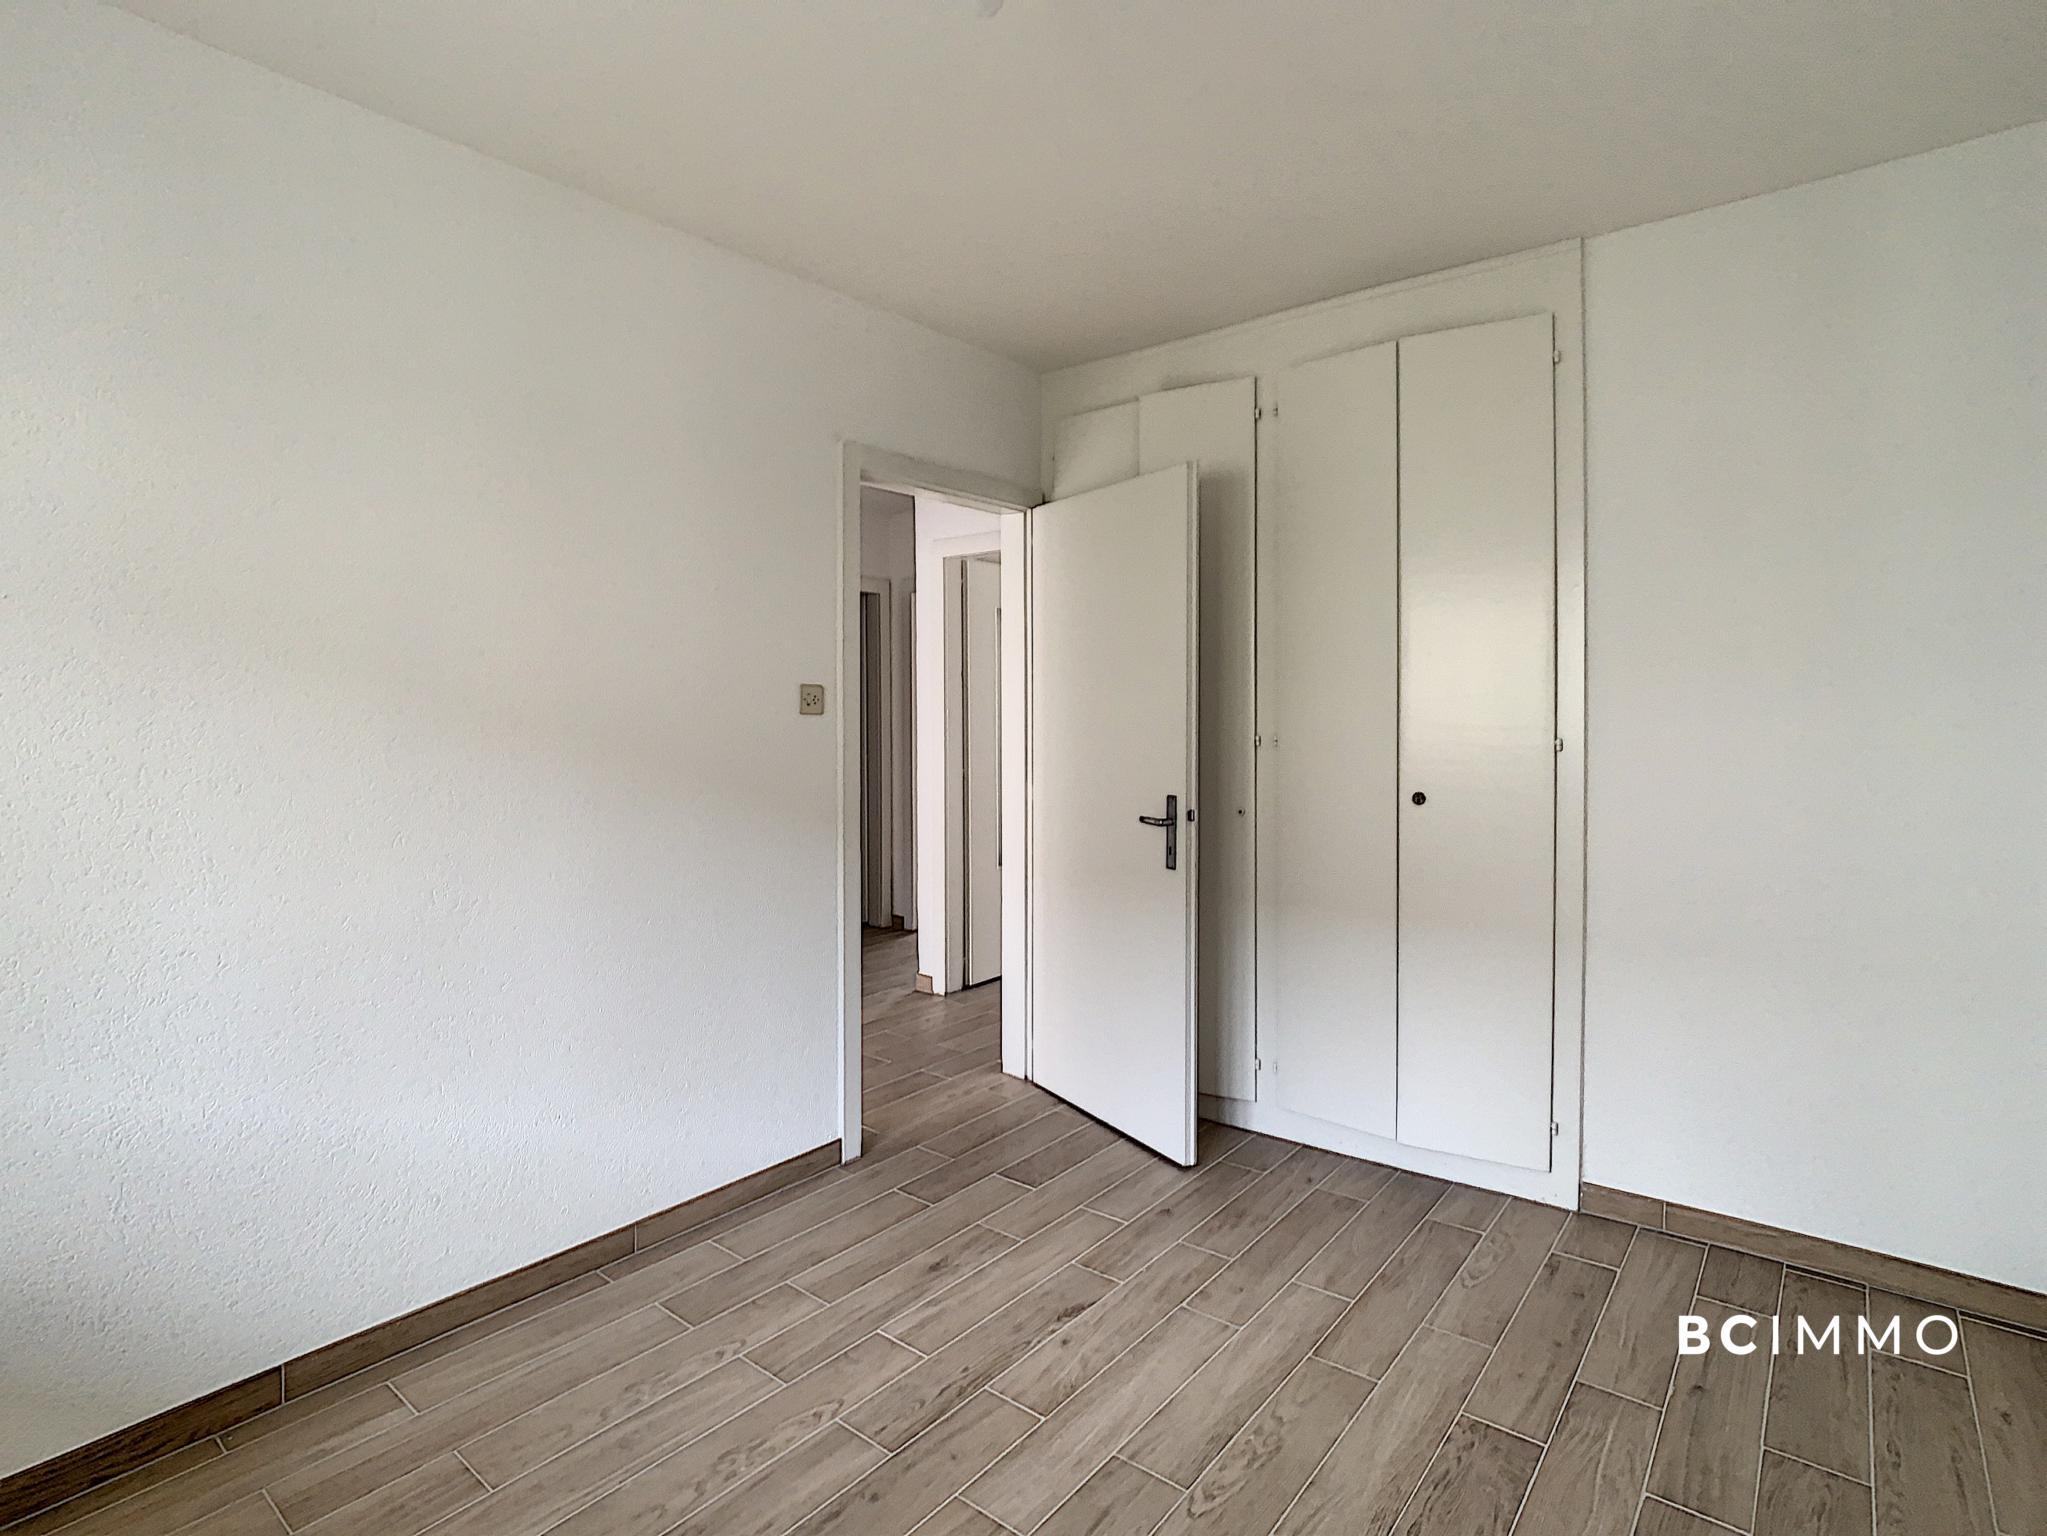 BC Immo -  Appartement traversant idéalement situé et refait à neuf - A-21-001